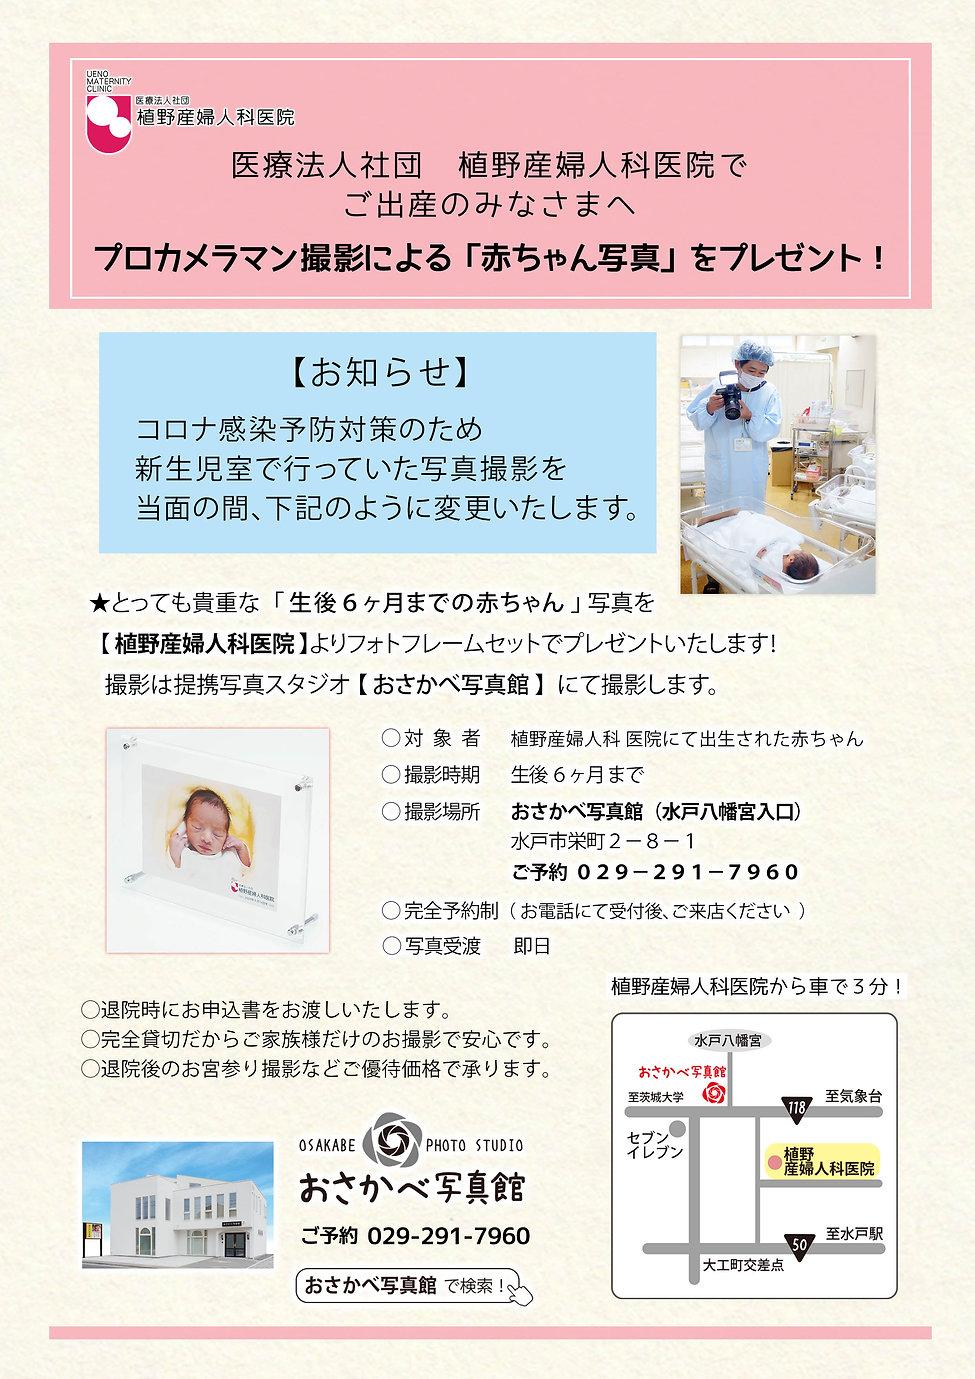 oshirase_korona.jpg